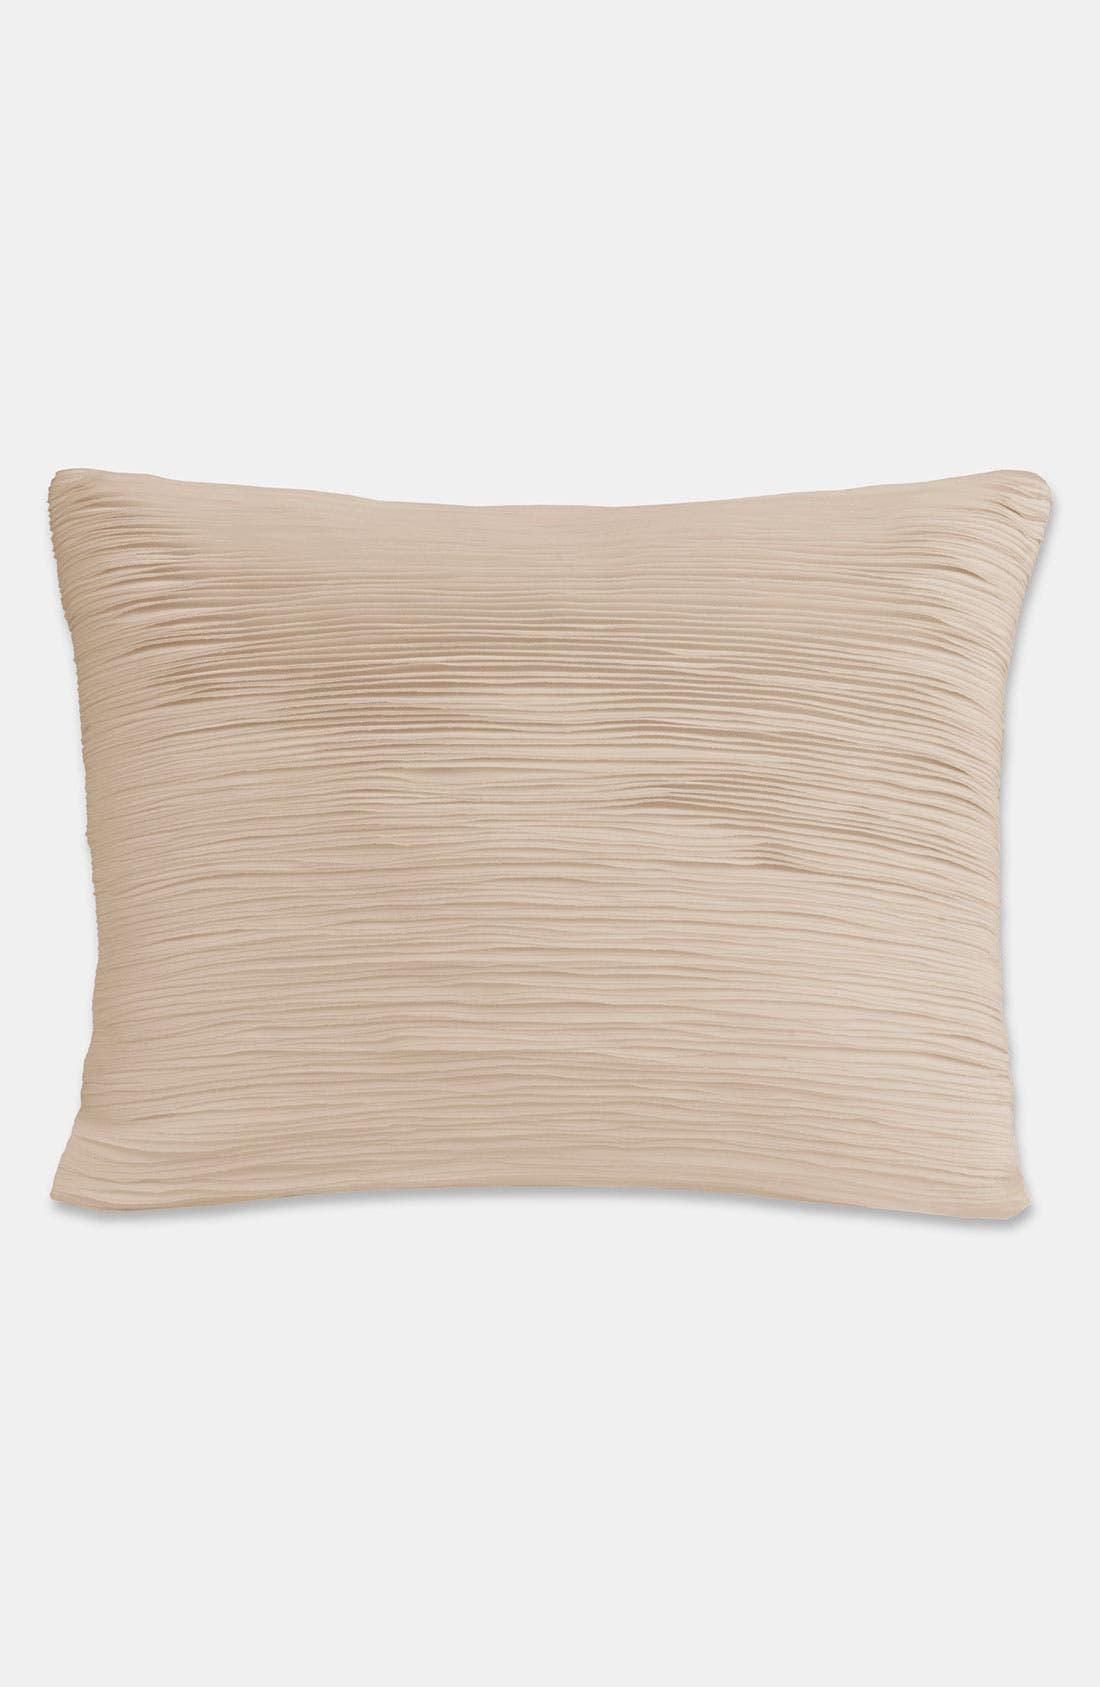 Alternate Image 1 Selected - Donna Karan 'Layered' Sateen Pillow